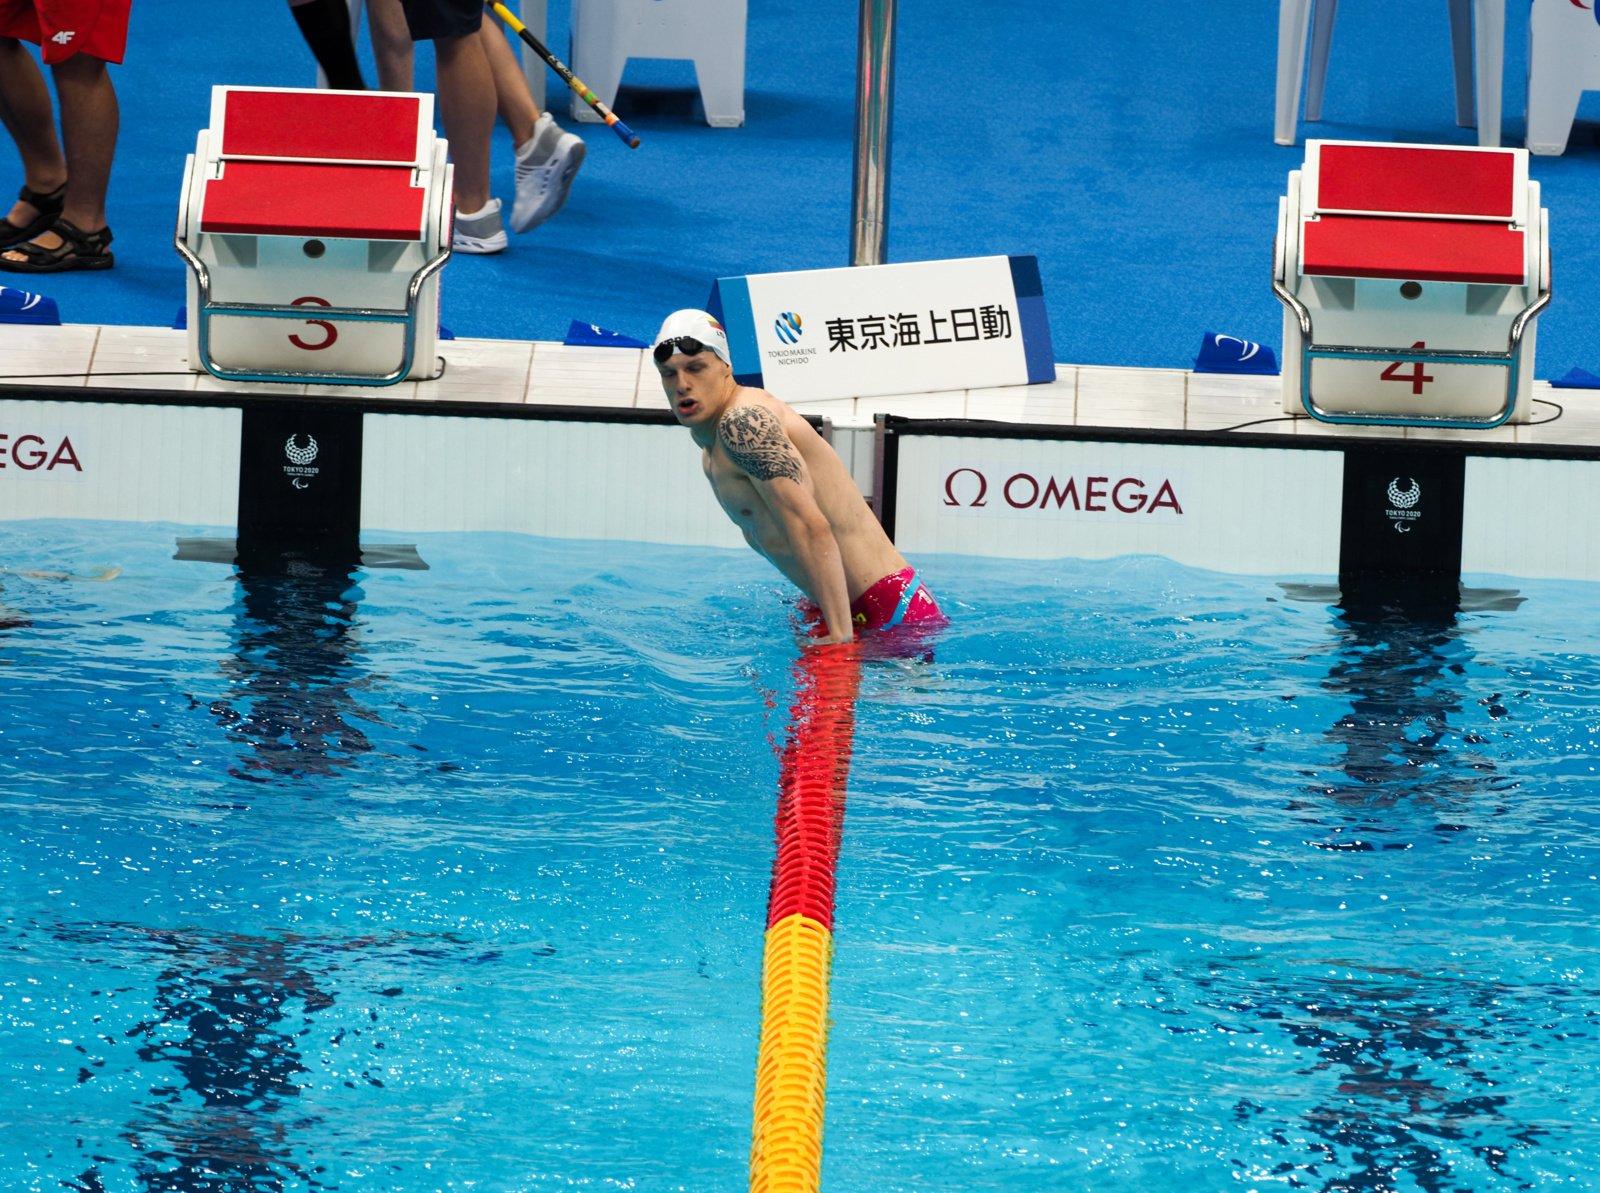 Edgaras Matakas pirmu numeriu įsiveržė į paralimpinių žaidynių finalą